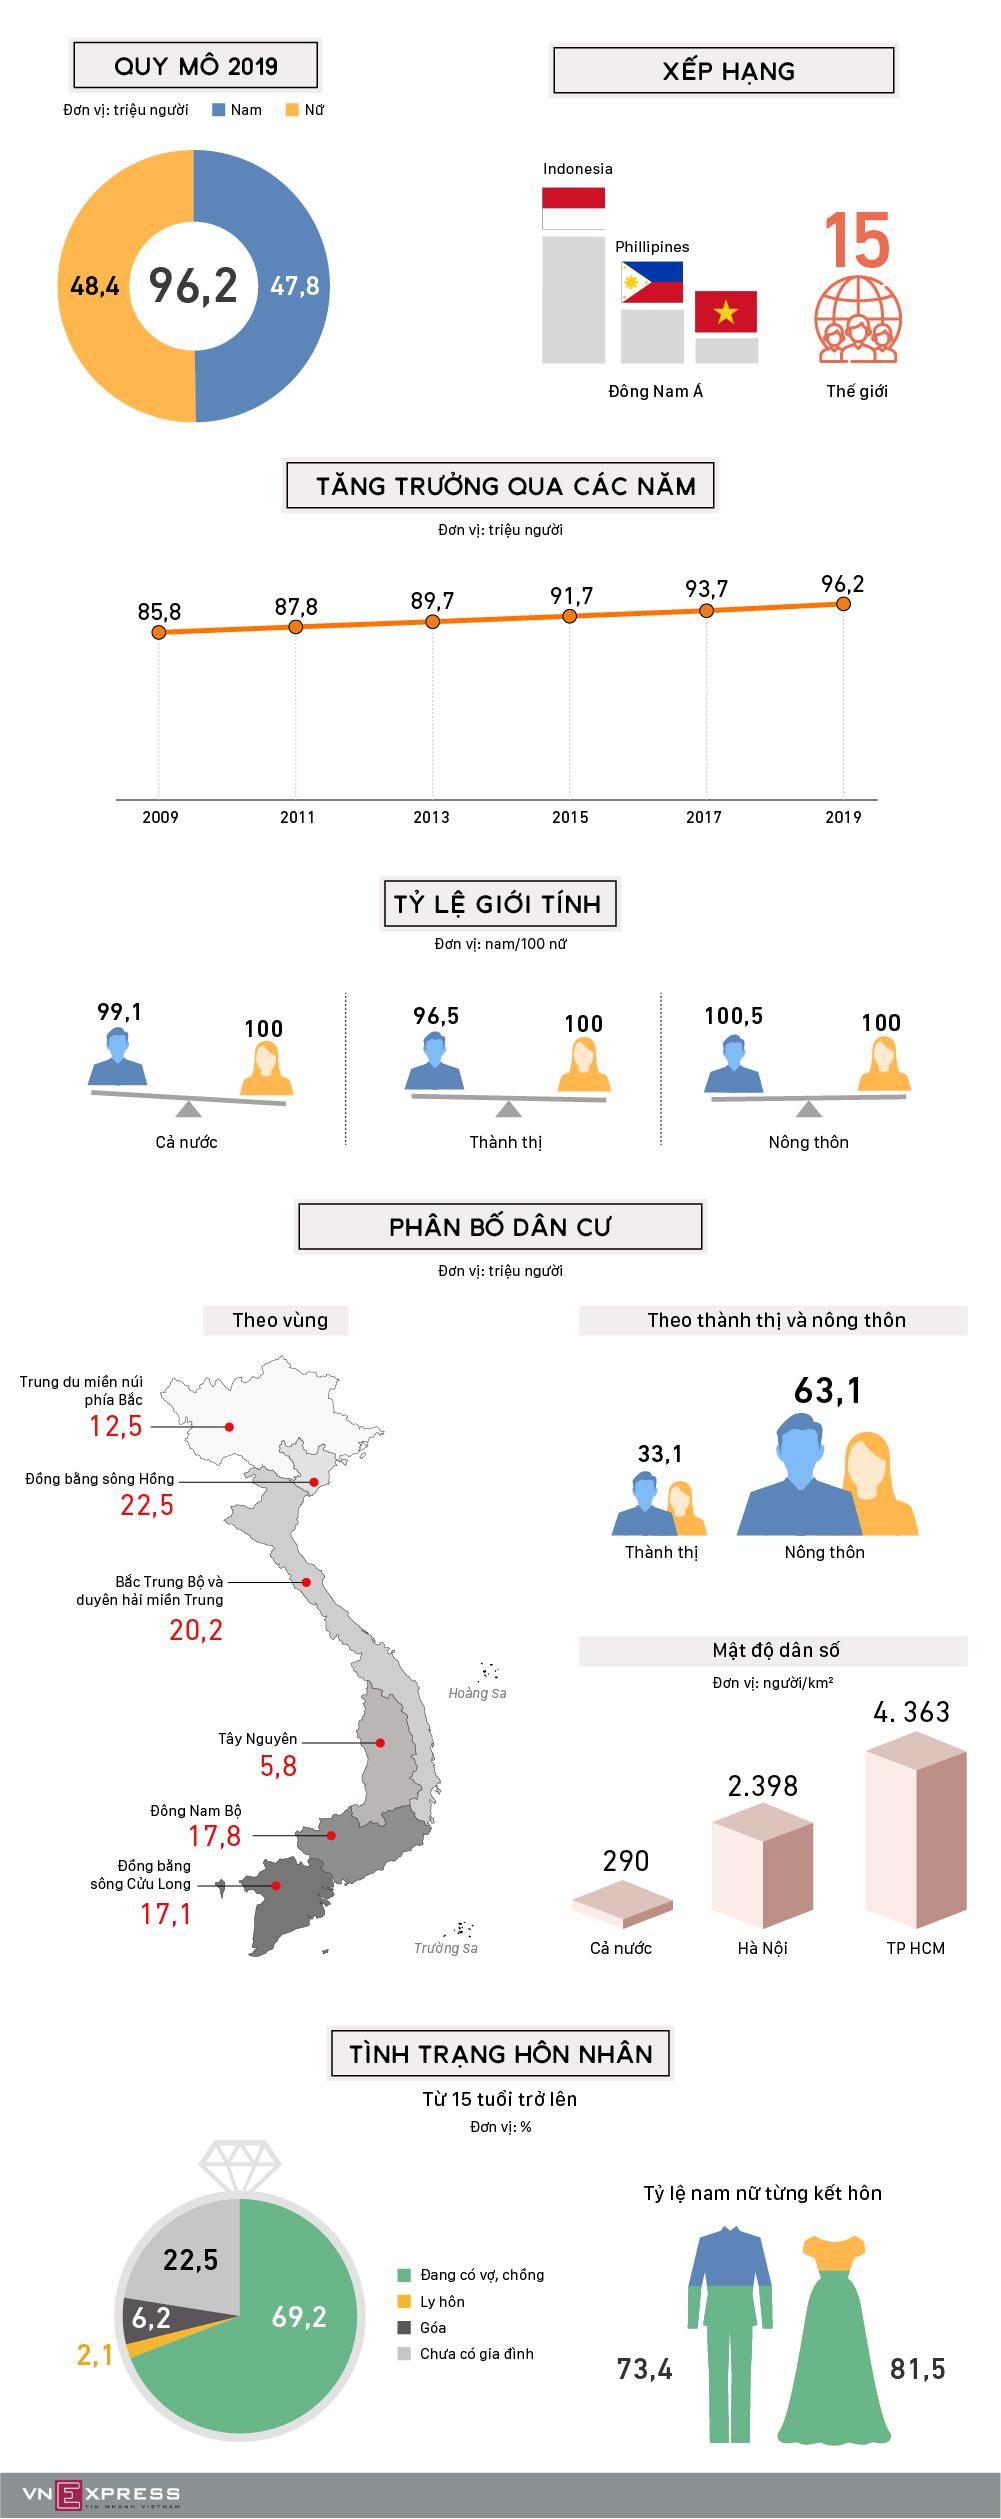 Dân số Việt Nam tăng hơn 10 triệu trong 10 năm